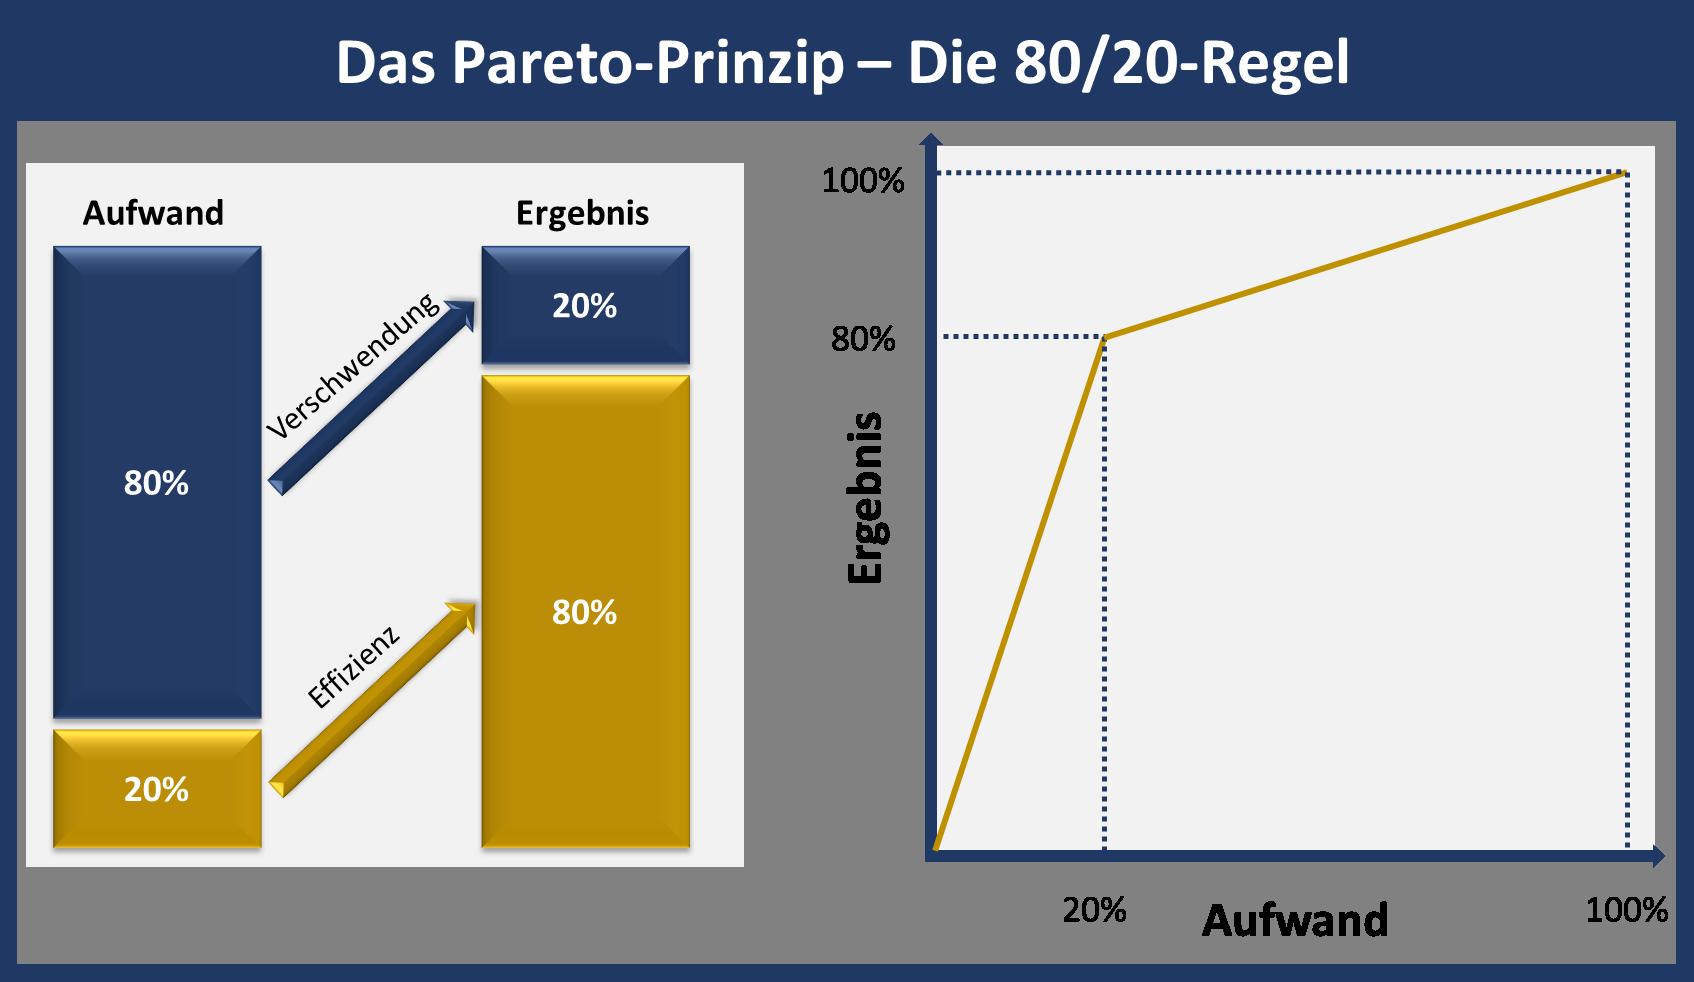 Diese Grafik zeigt dir, was das Pareto-Prinzip ist und wie es funktioniert. Um die 80/20-Regel sinnvoll anzuwenden, solltest du den Fokus auf die 20% des Aufwands legen, der den Großteil des Ergebnisses ausmacht.